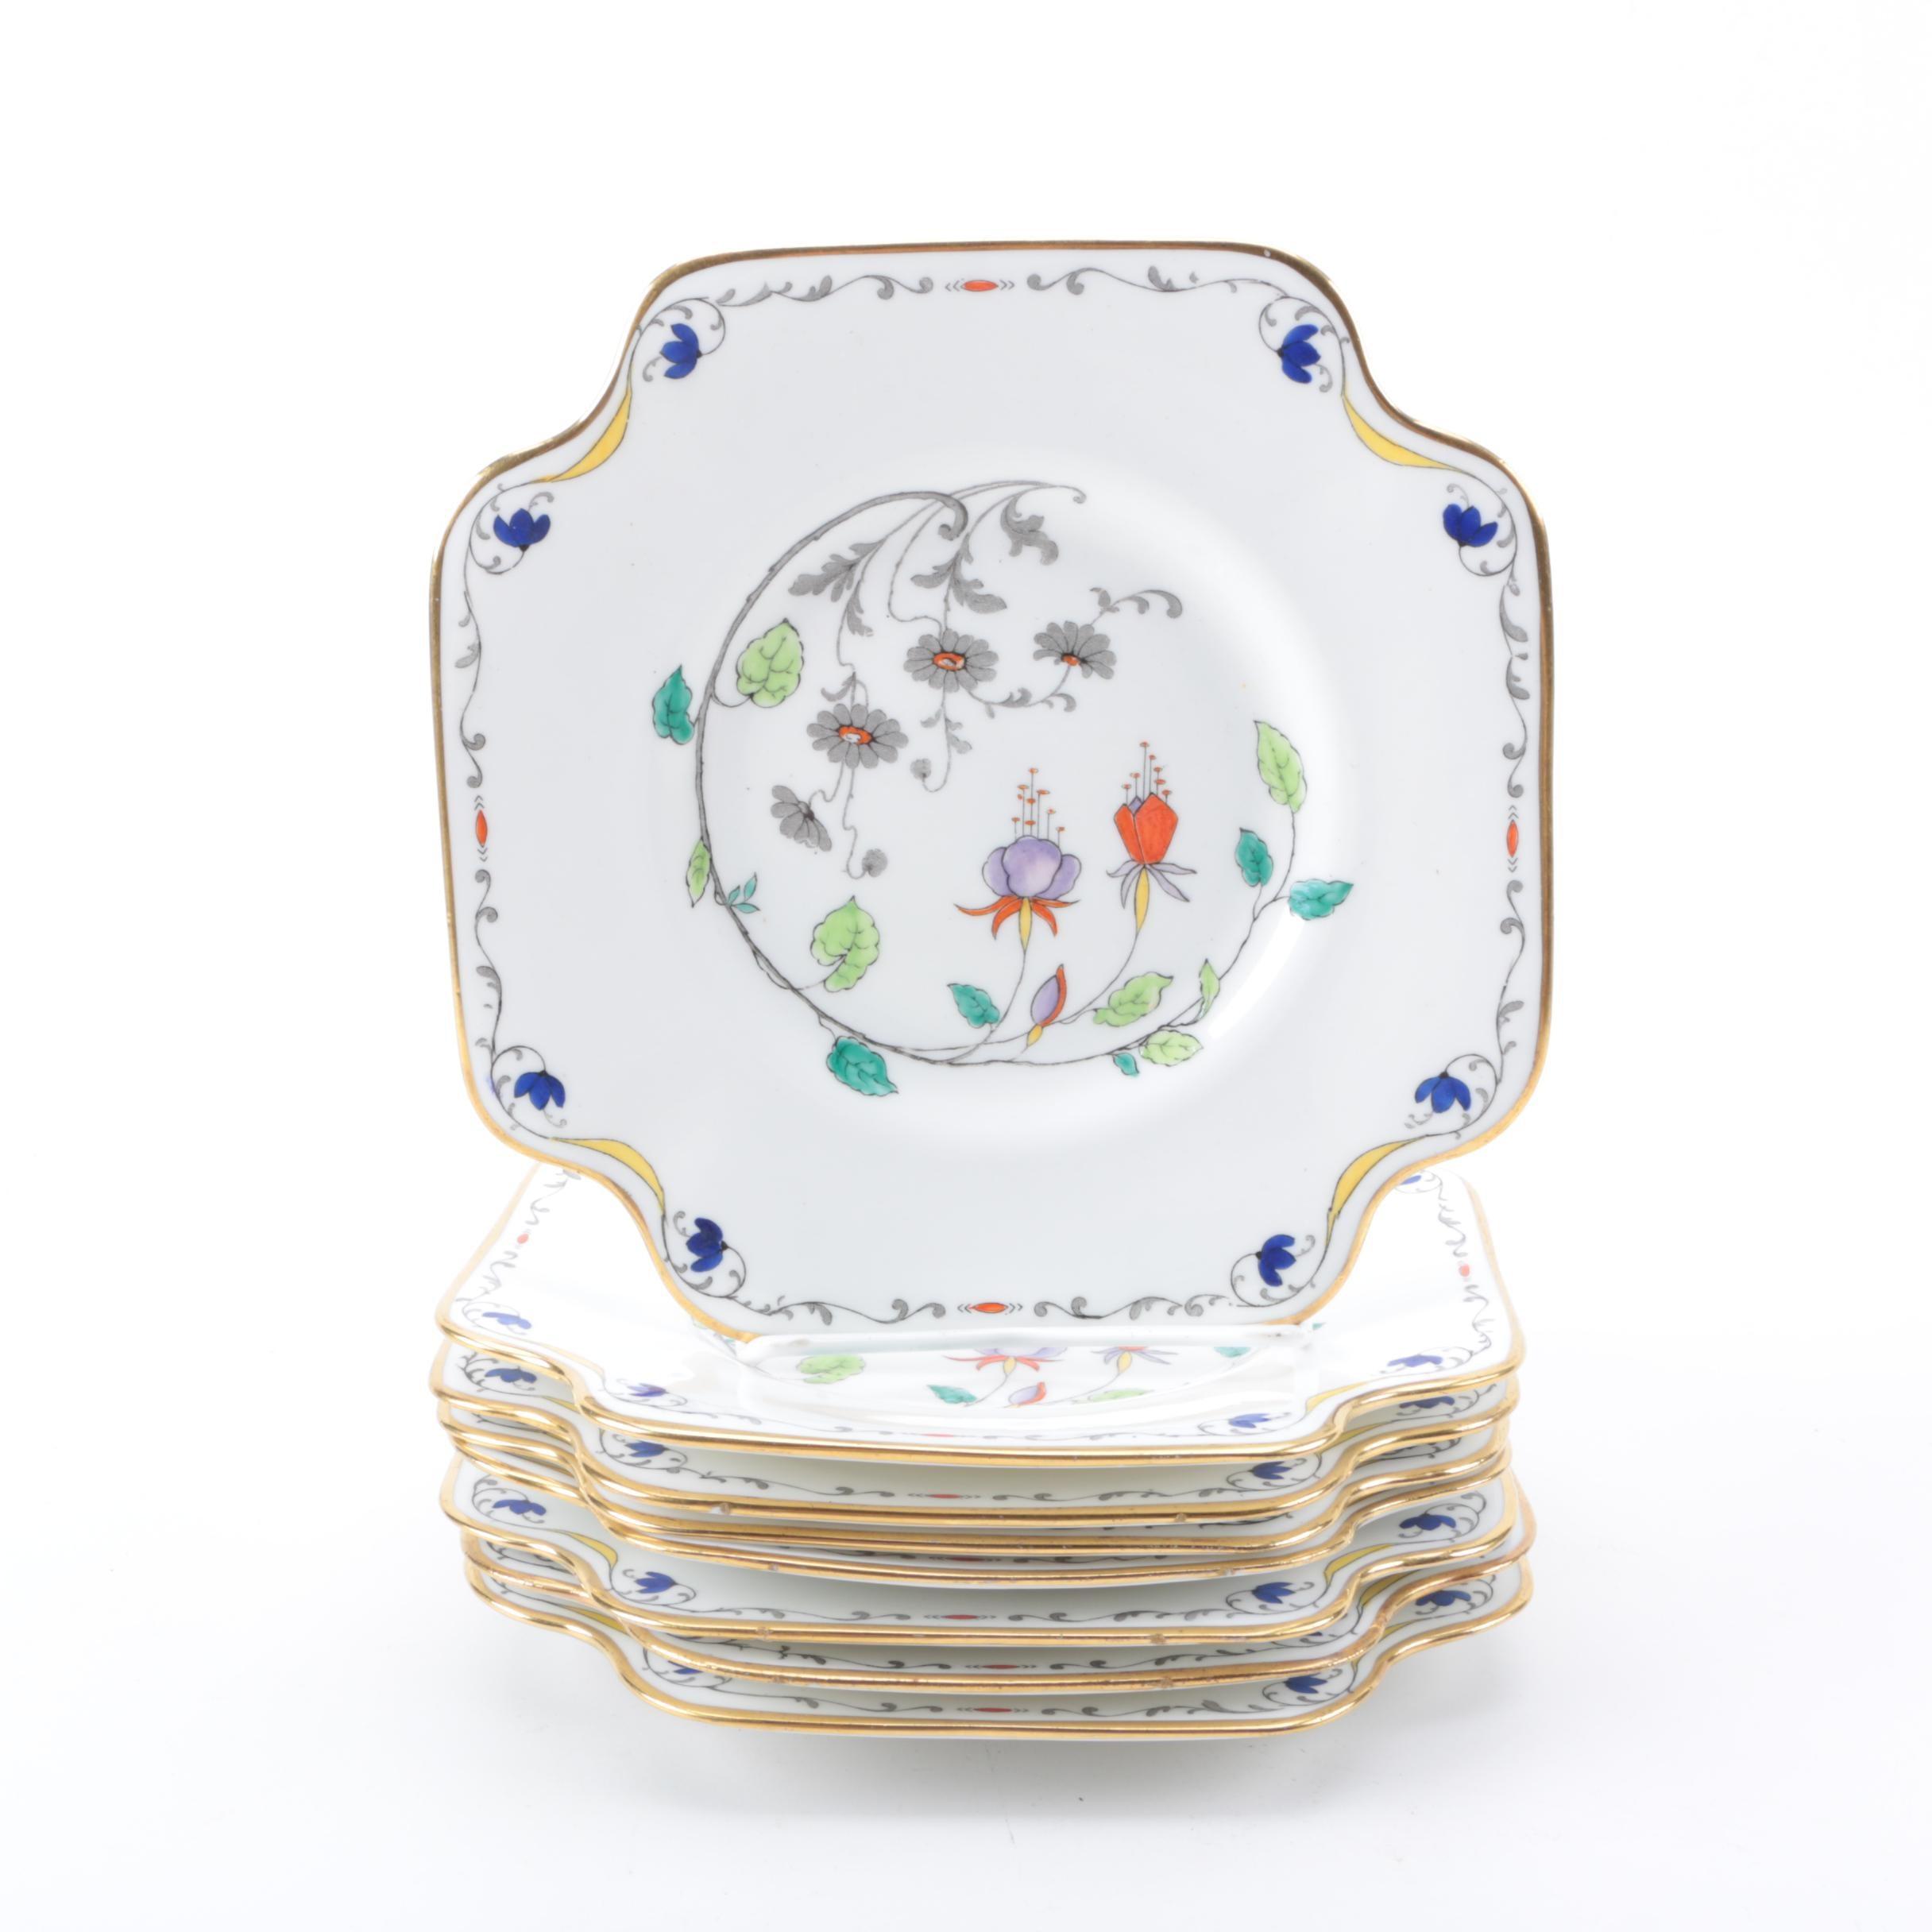 Grafton China & Sons China Plates